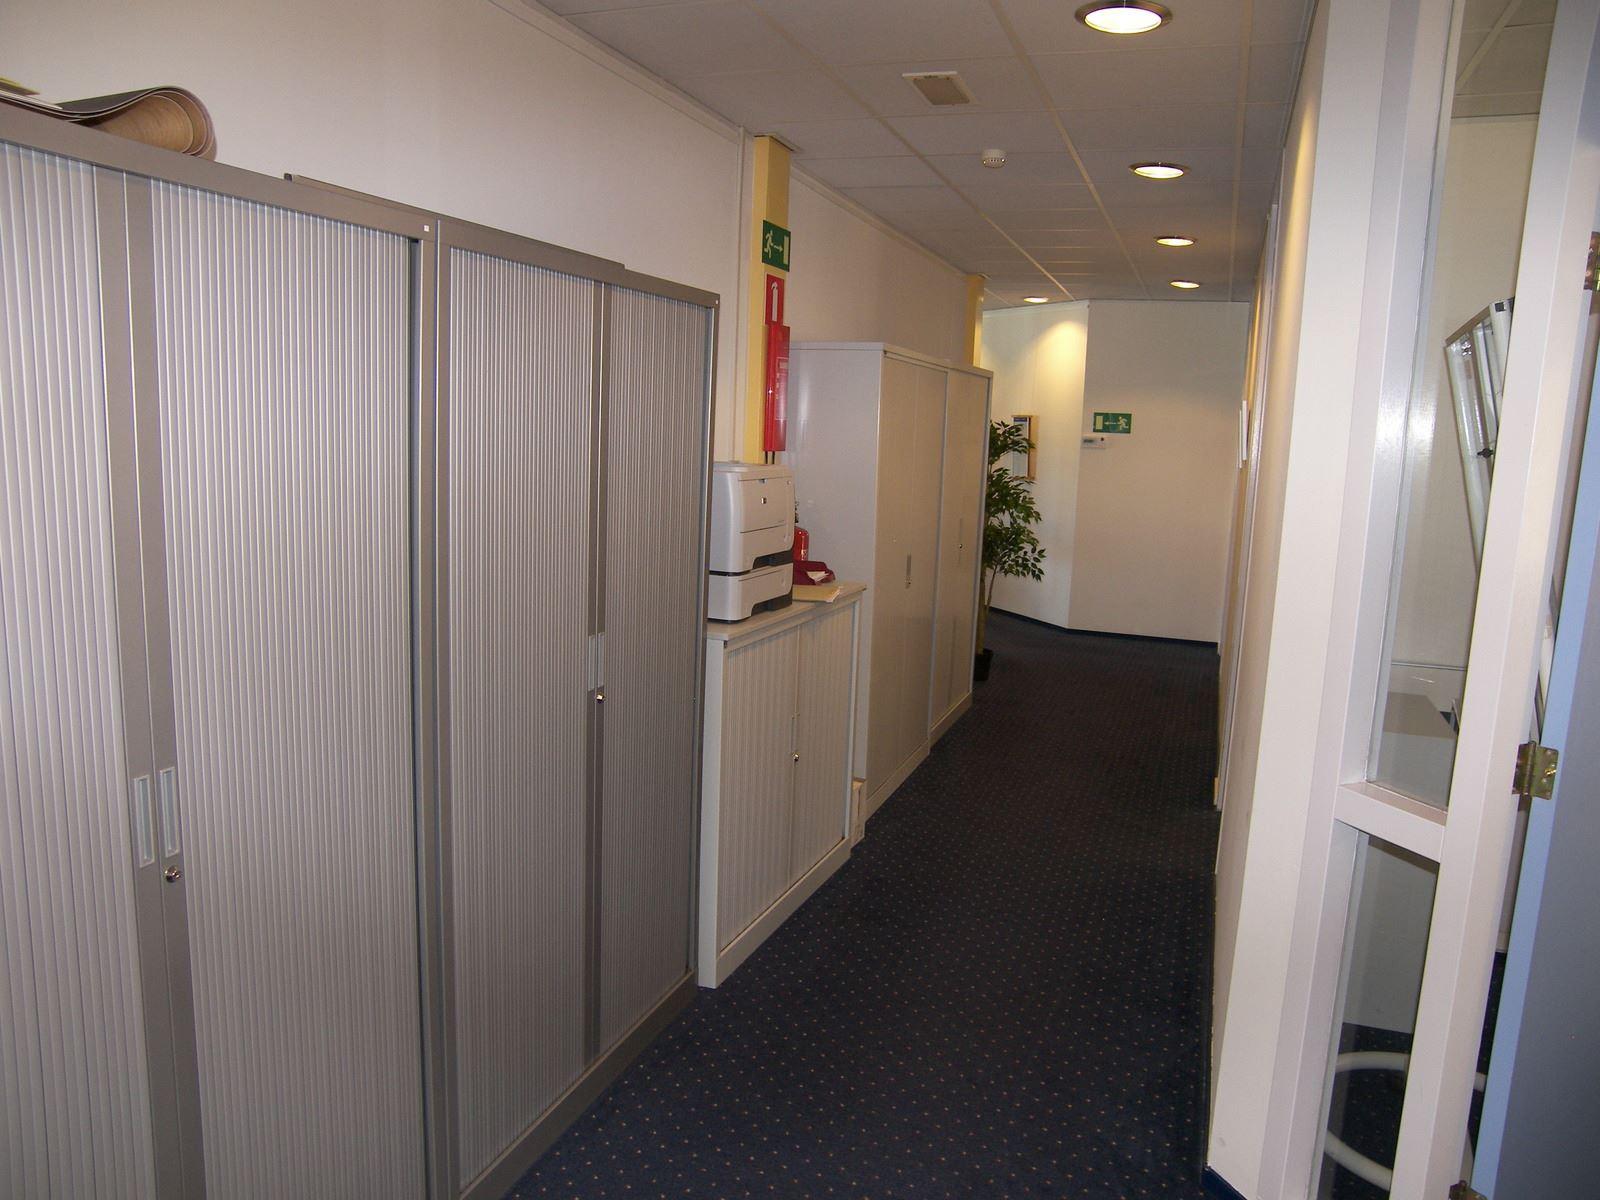 Kantoor dronten zoek kantoren te huur de helling 11 8251 gh dronten funda in business - Kantoor onder helling ...